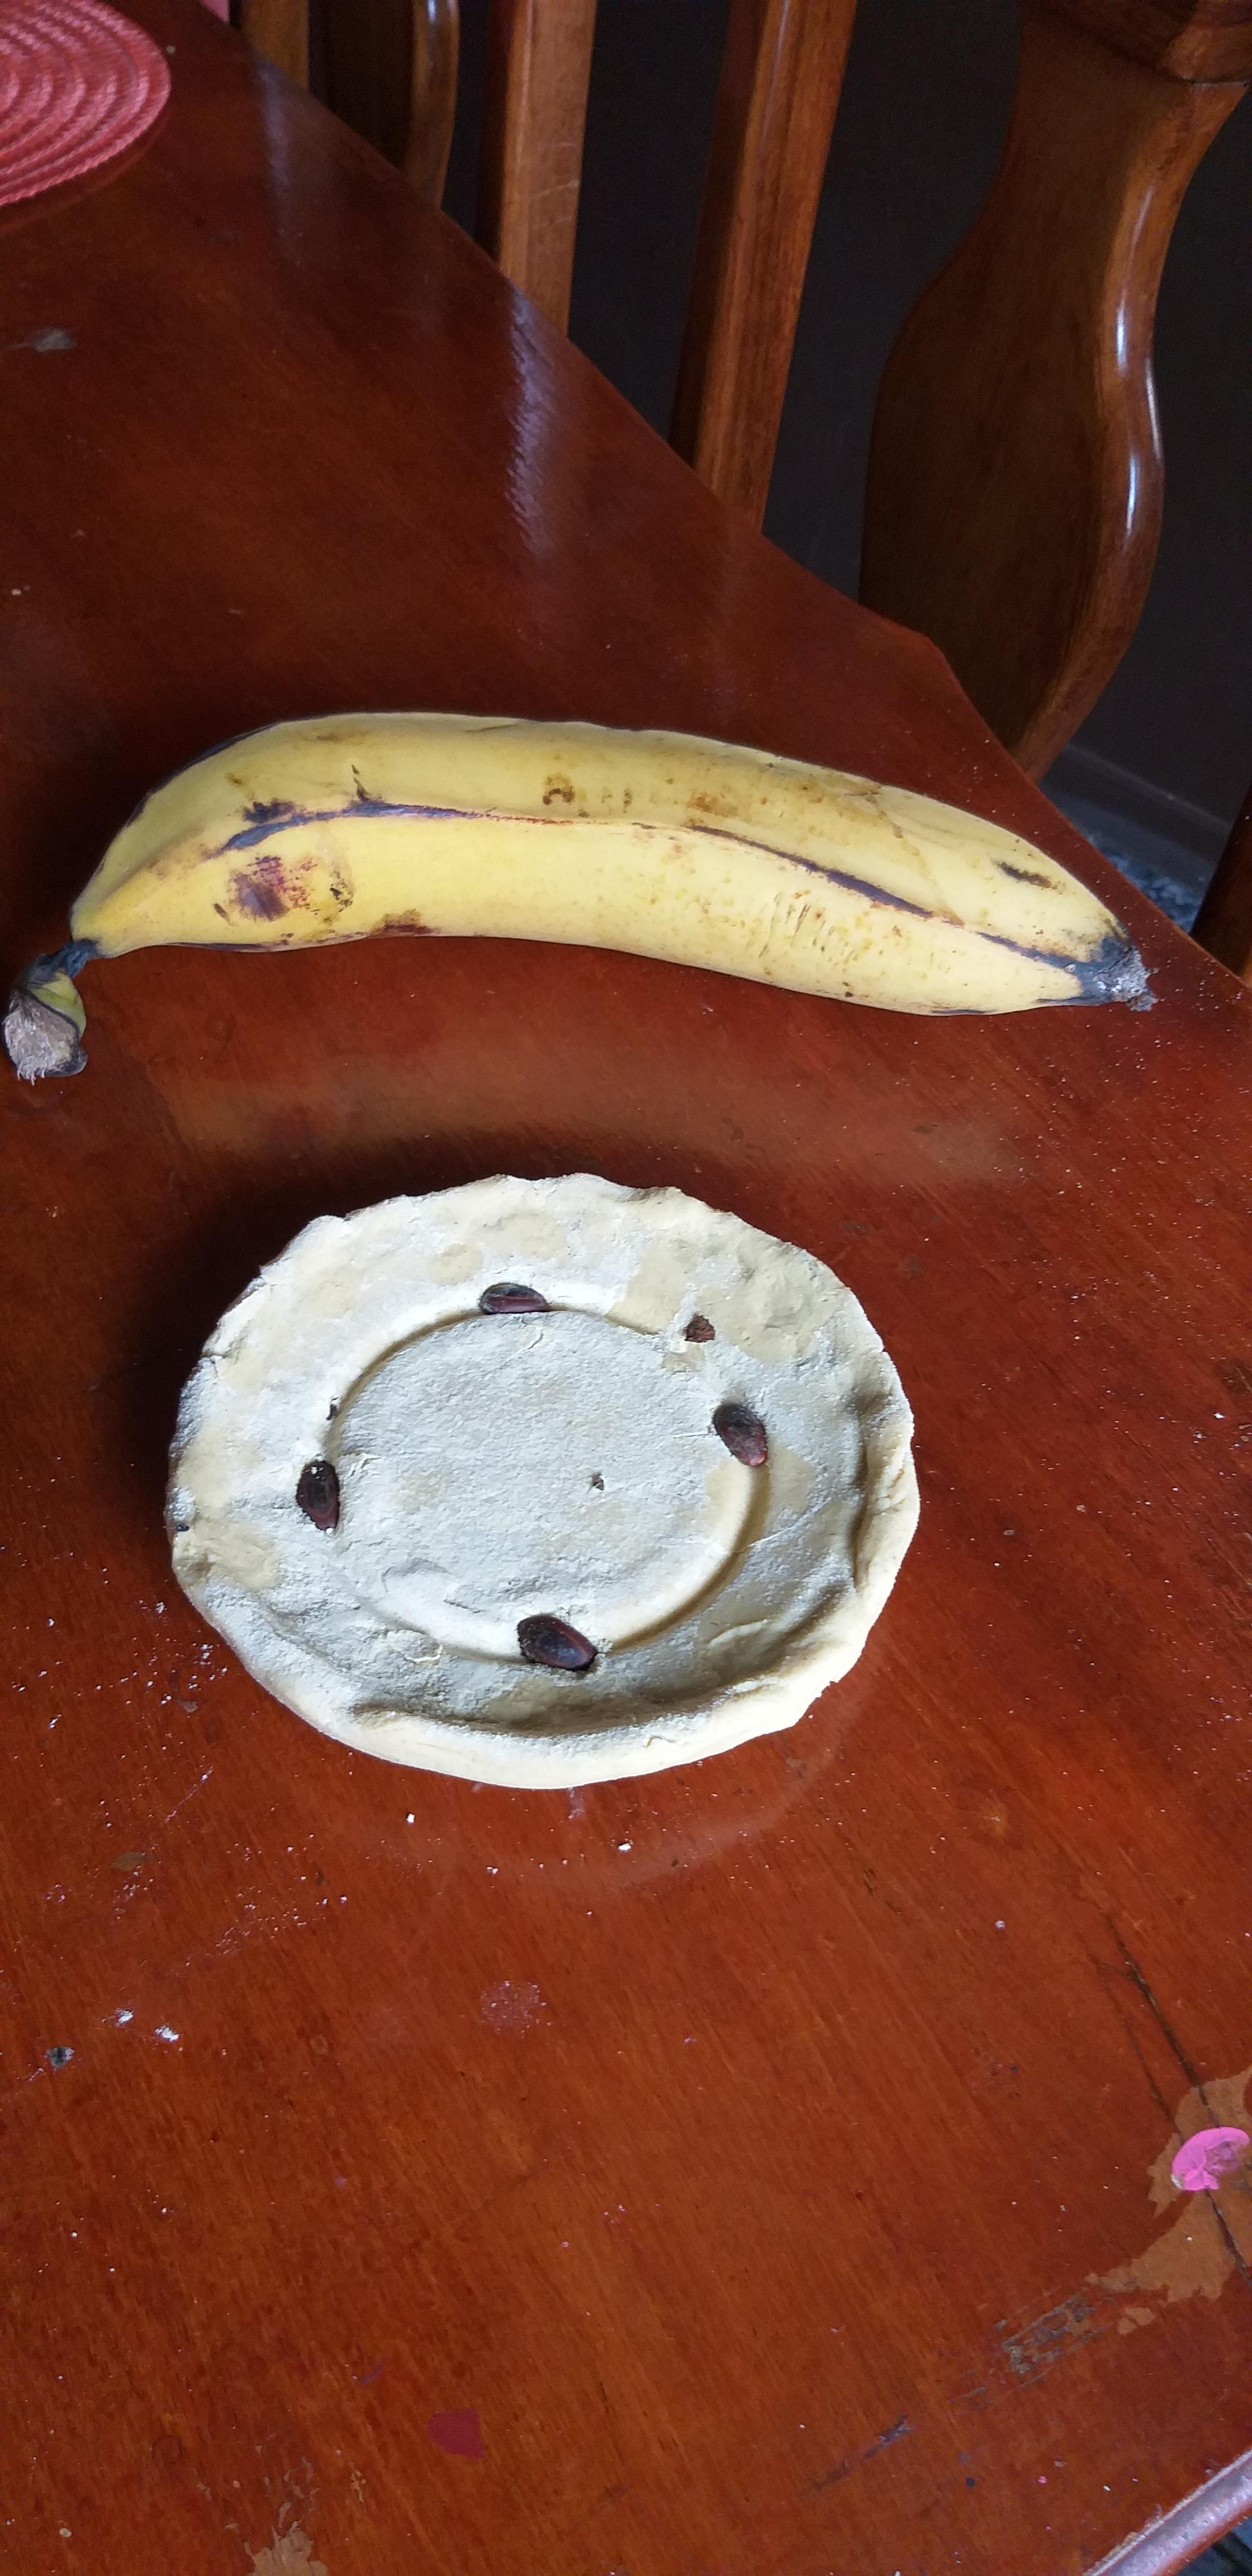 Plato Biodegradable a base de cascara de platano